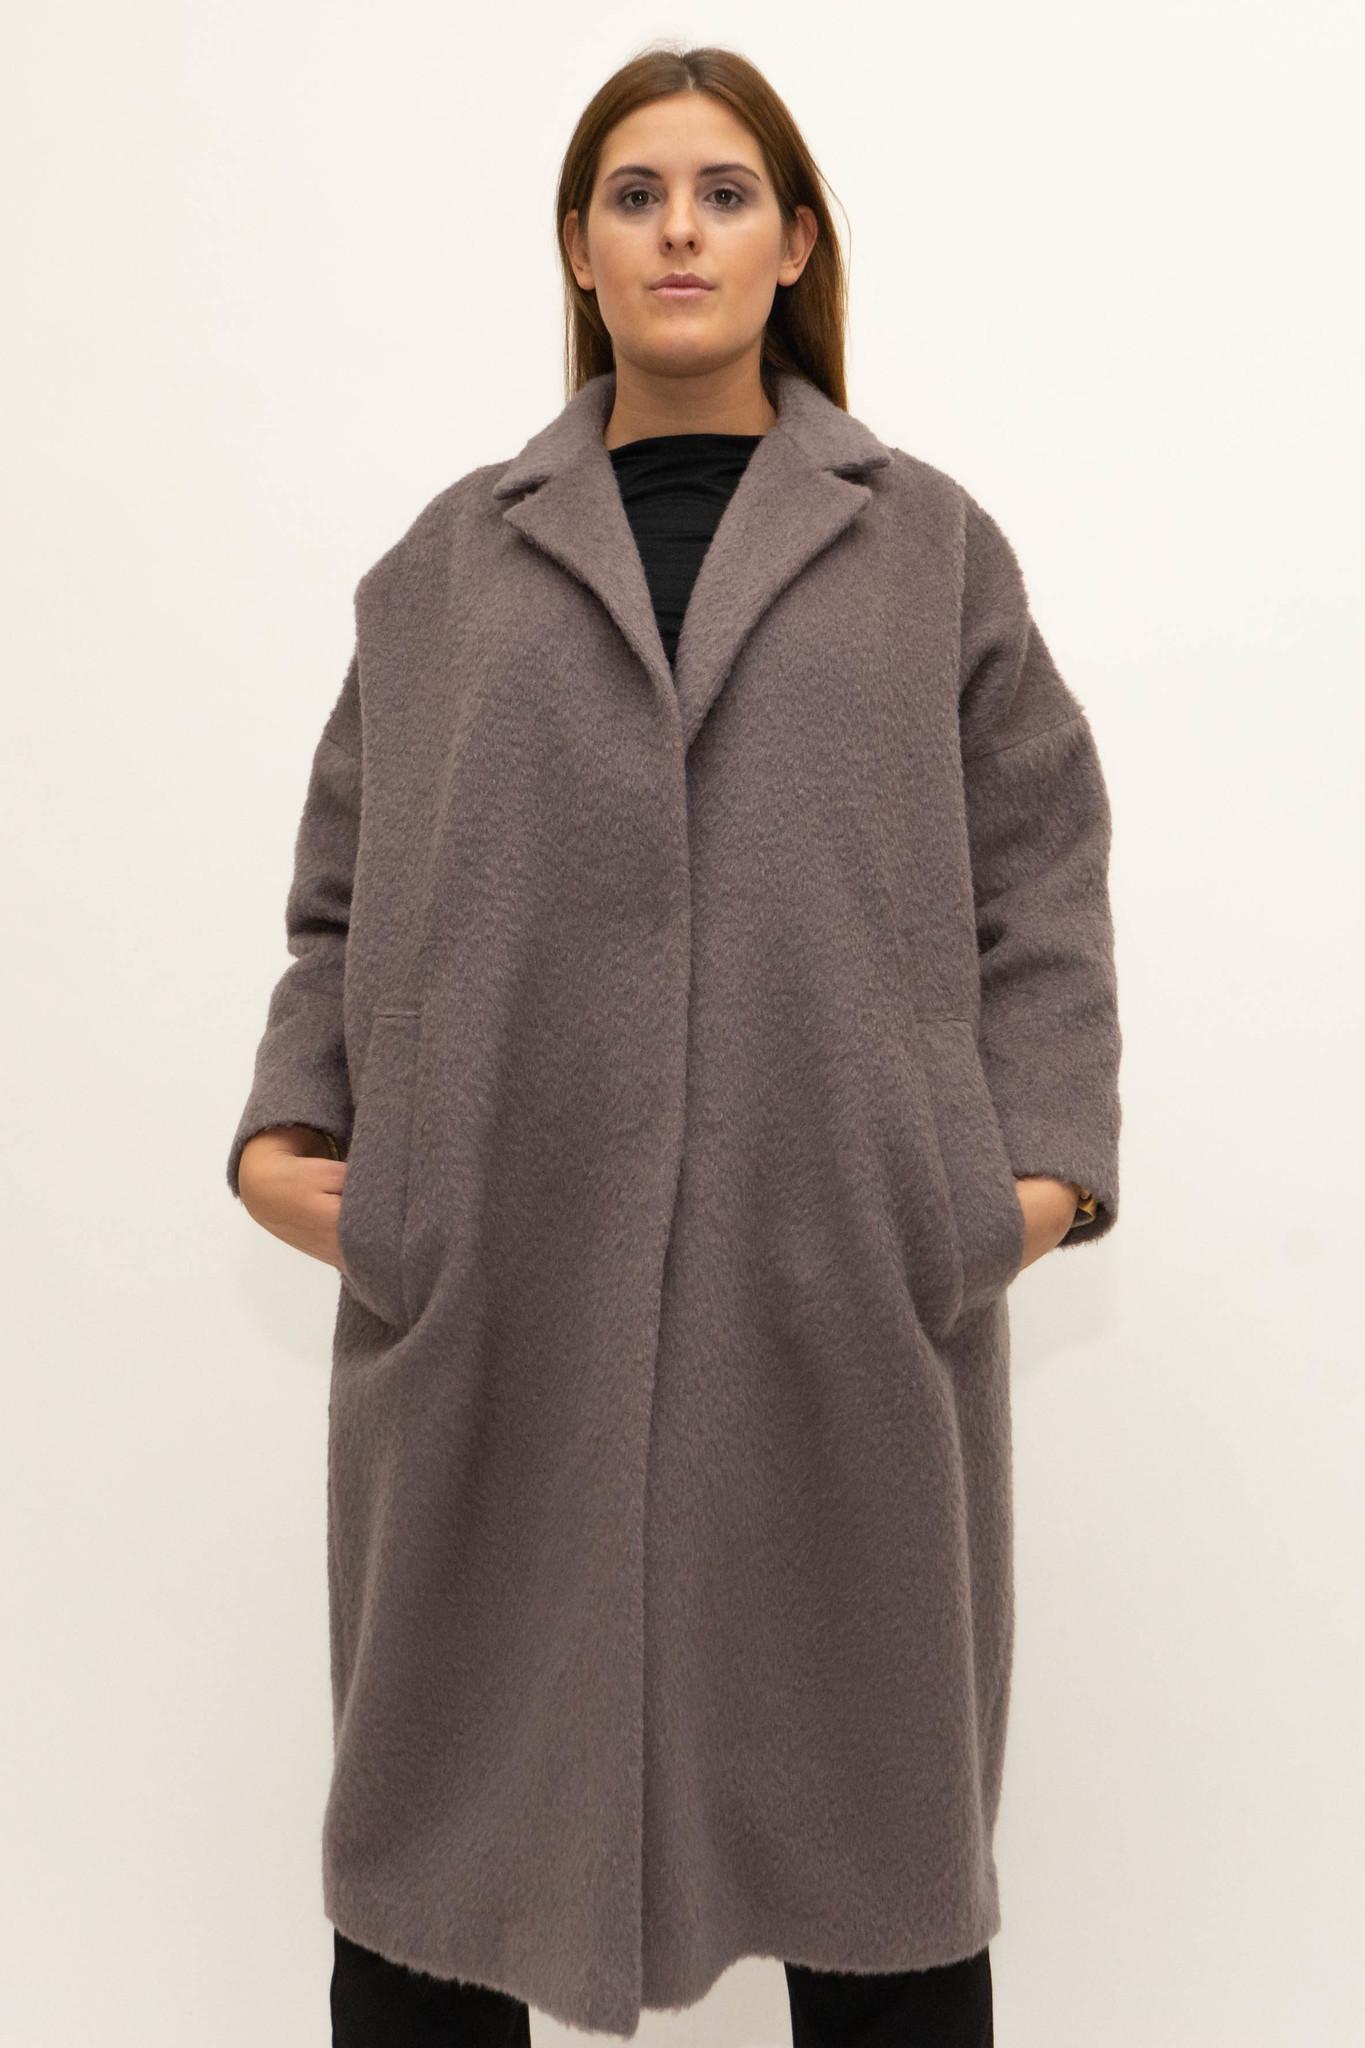 DOREEN Coat in Wool-Mohair blend-1